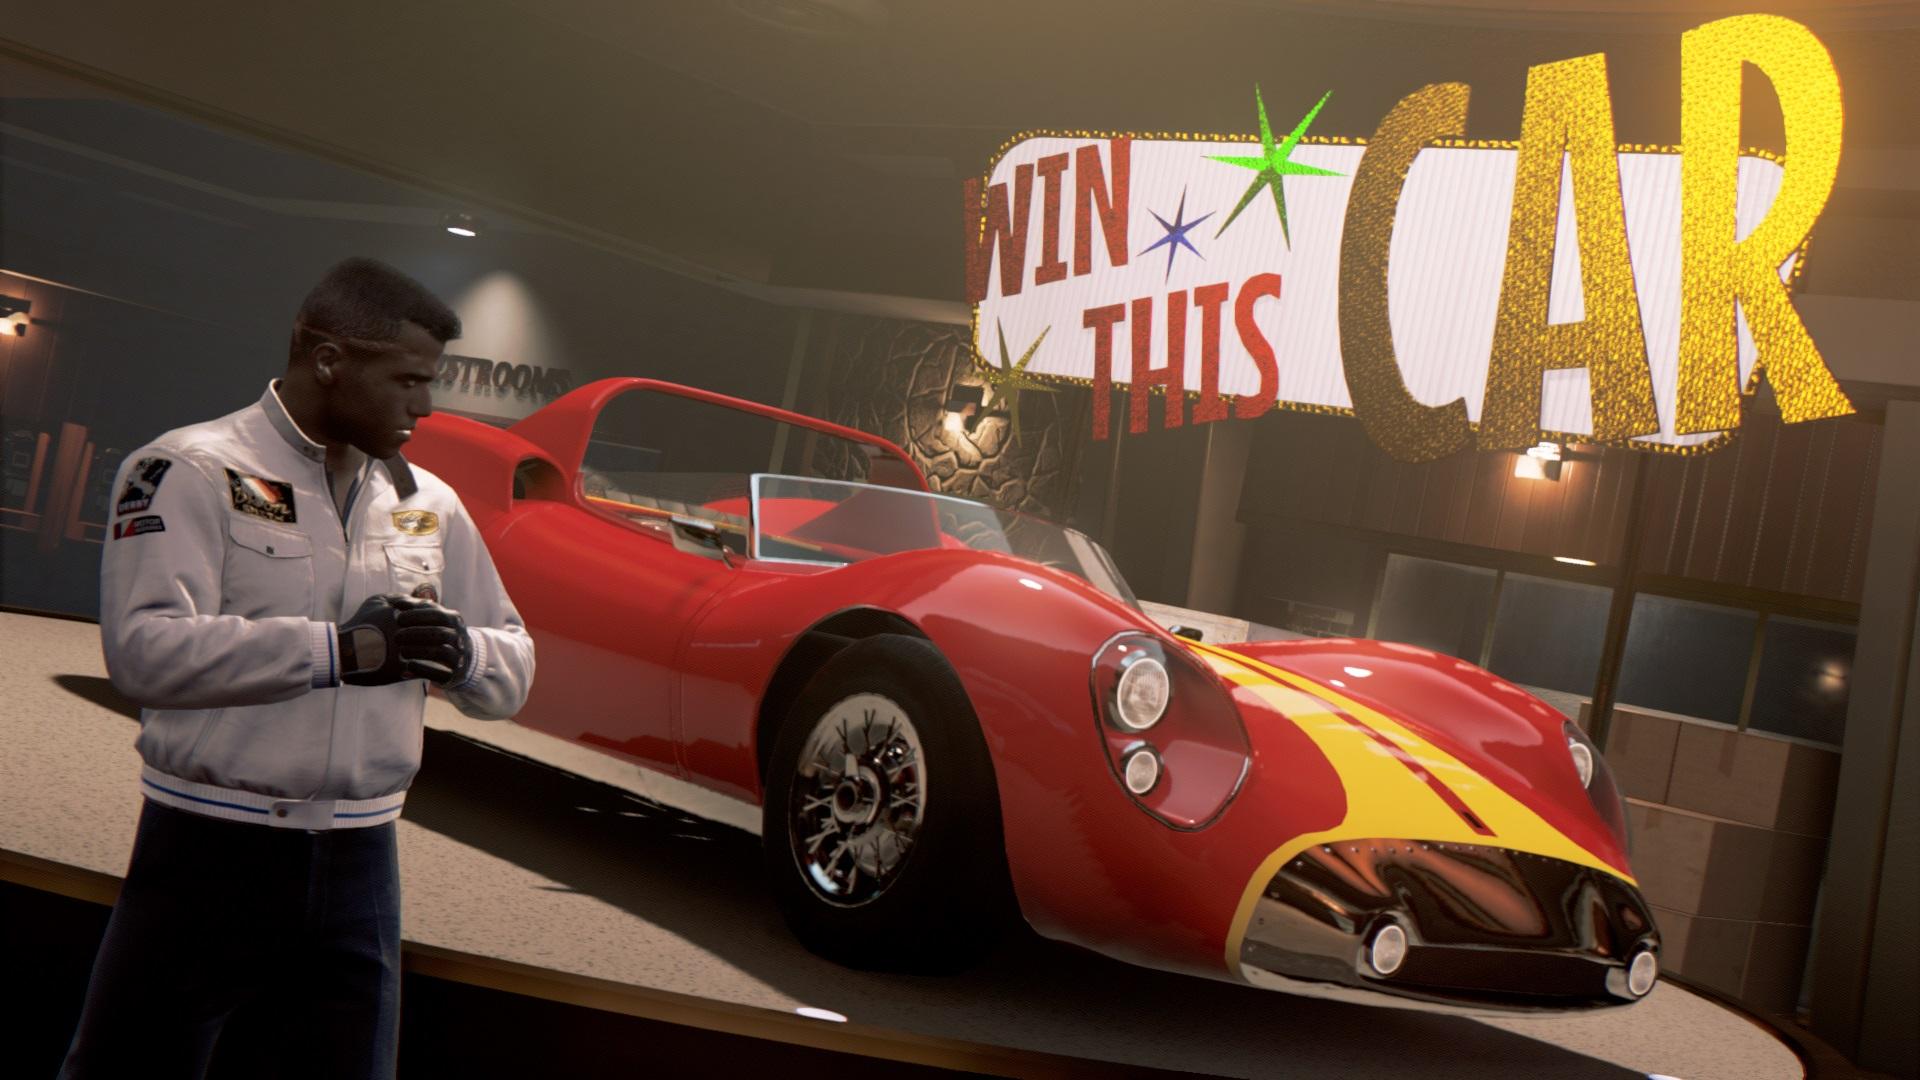 mafia-3-win-this-car